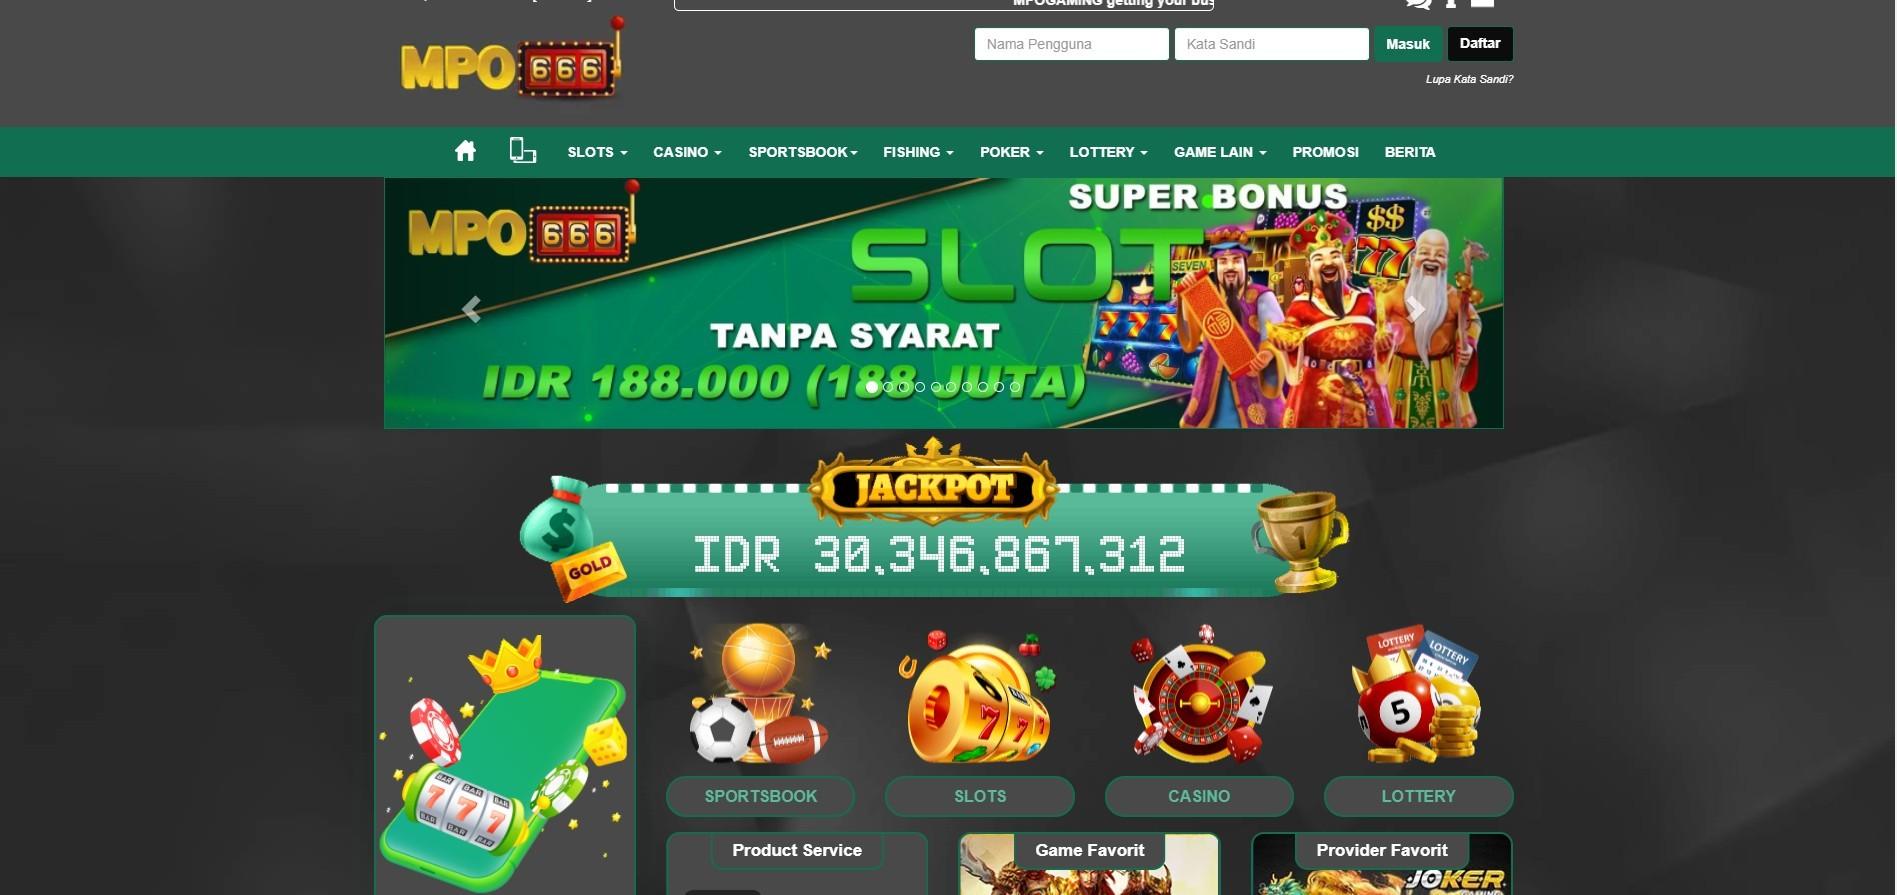 Jual Tiket Mpo666situsslotpragmaticmurah Loket Com